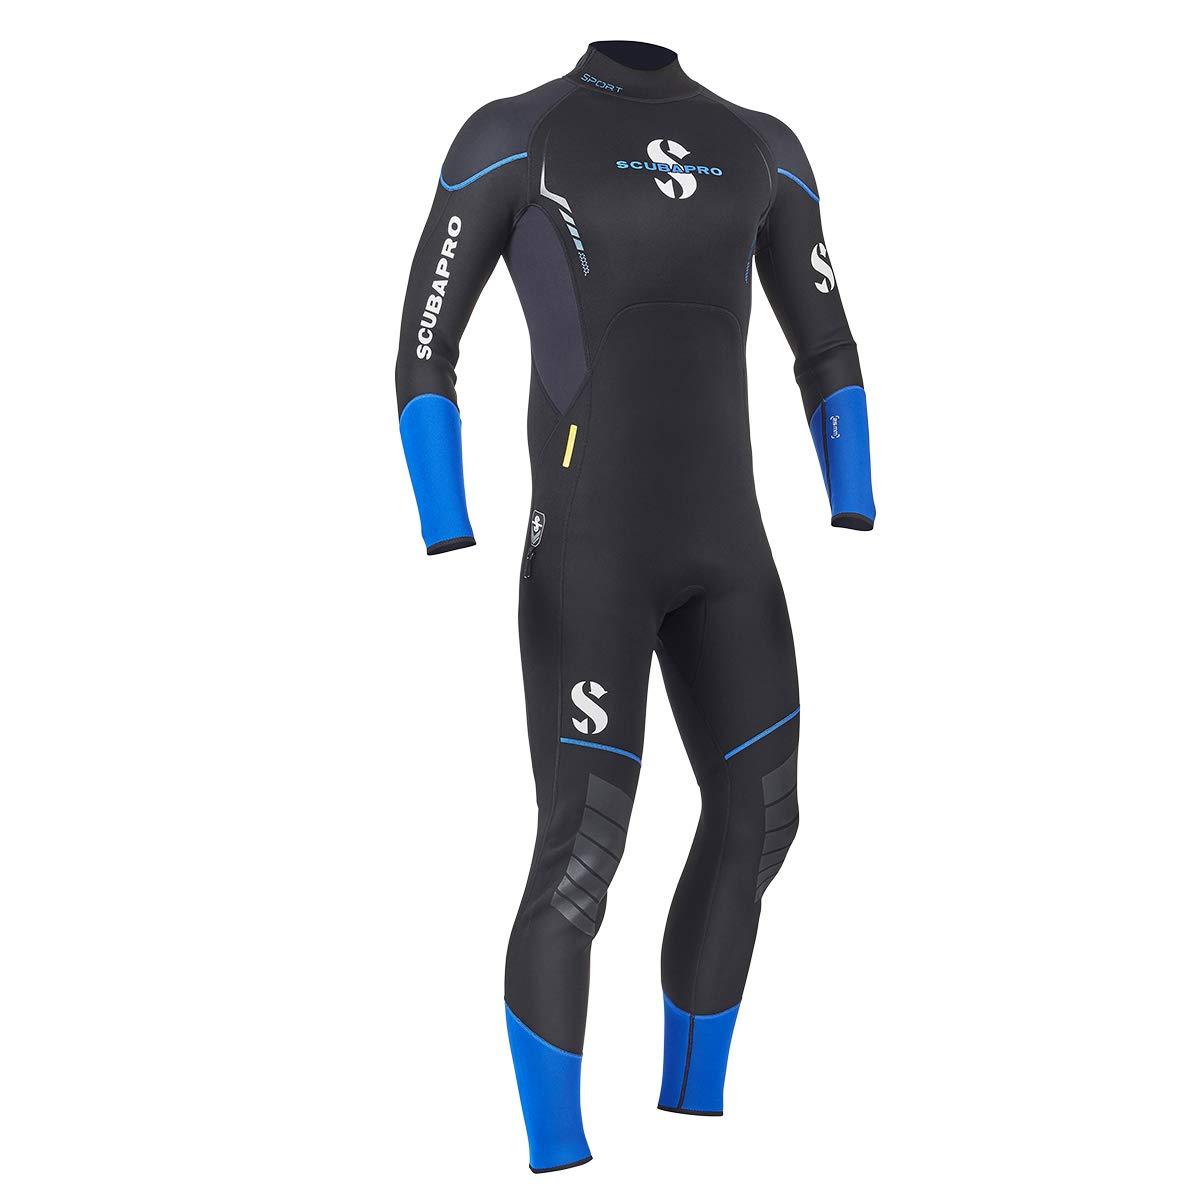 Scubapro Sport Steamer 2.5mm Men's Wetsuit (Large, Black/Blue) by Scubapro